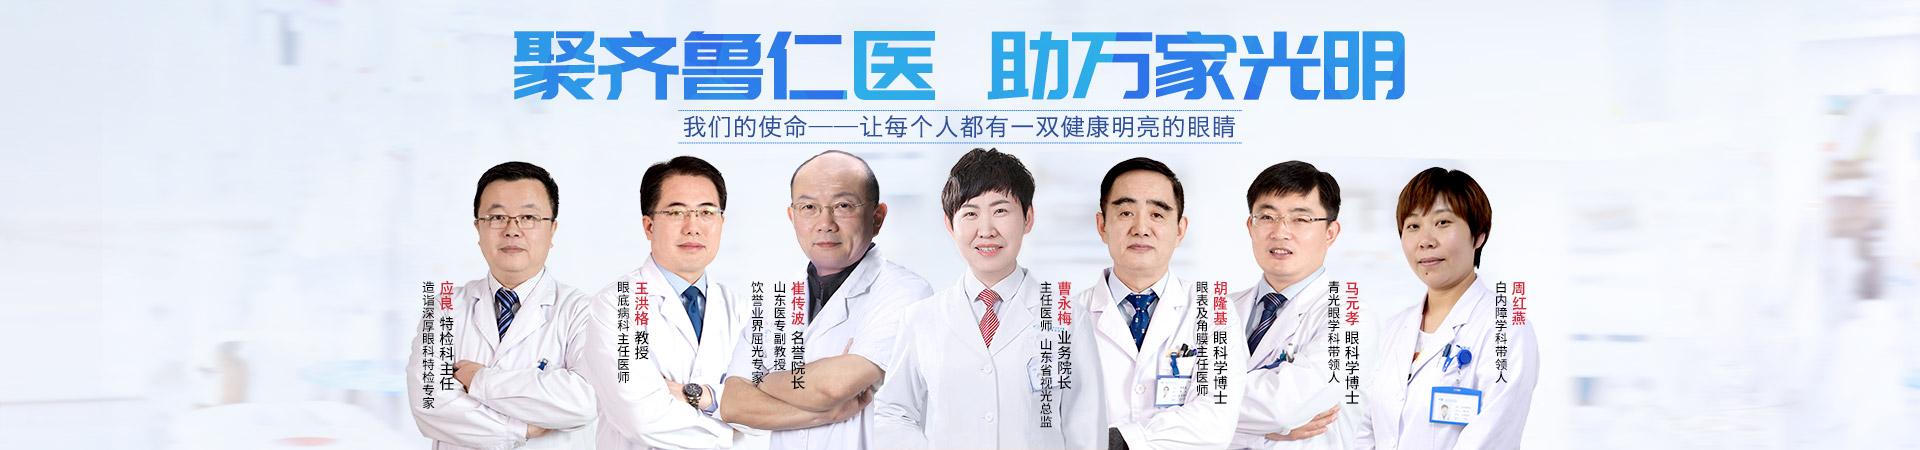 临沂眼科医院(华厦眼科医院集团) 华厦眼科医院集团专家banner